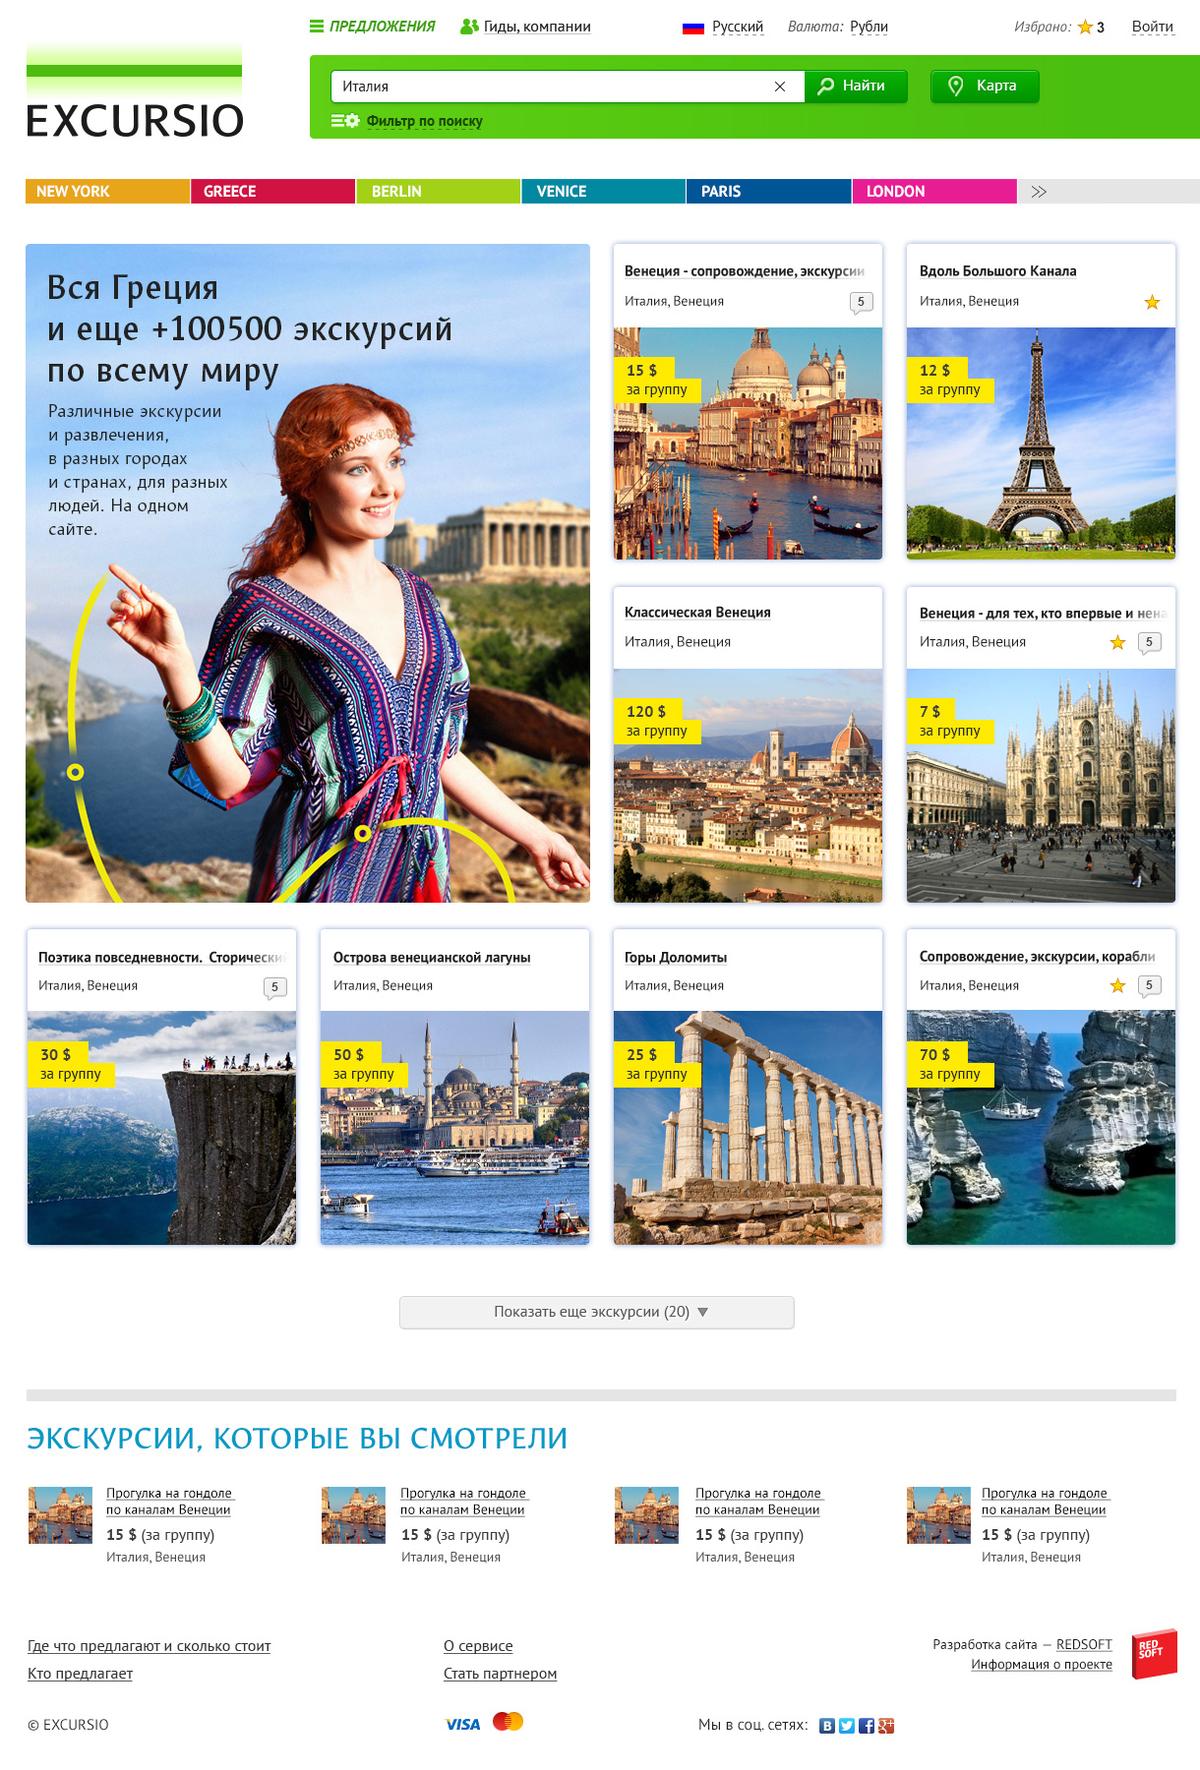 Каталог экскурсий со всего мира / Проект компании UX-design